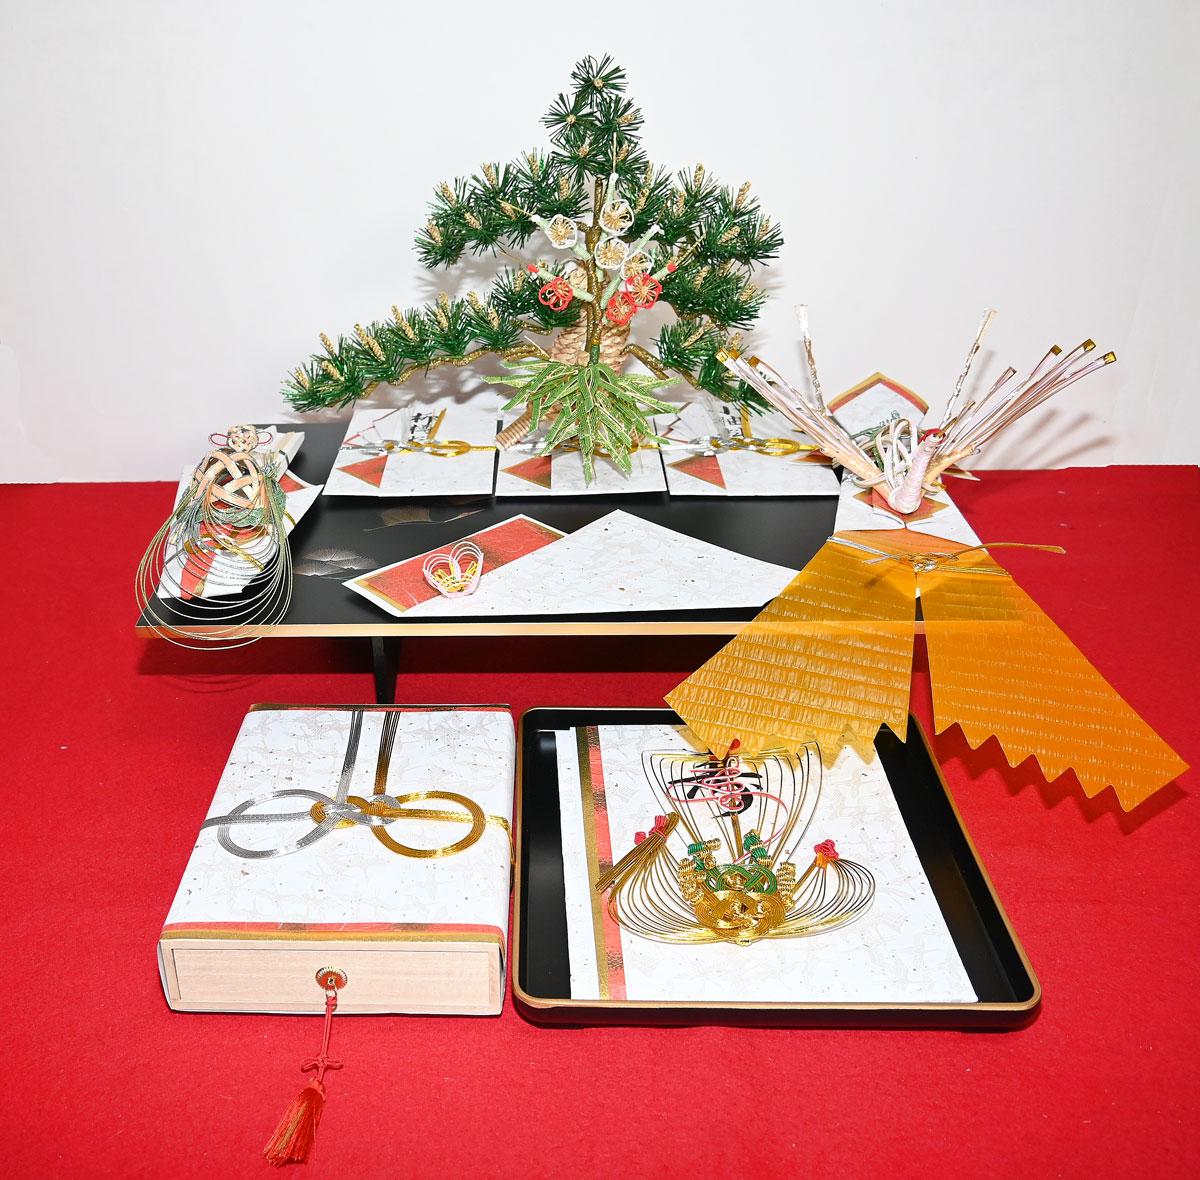 【たちばな結納5点セット】松(小袖料) 竹(松魚料) 梅(柳樽料) 鶴(熨斗) 亀(末廣) 指輪飾 目録 金子箱(結納金を入れる桐箱) 赤毛氈(半畳)のセットです。